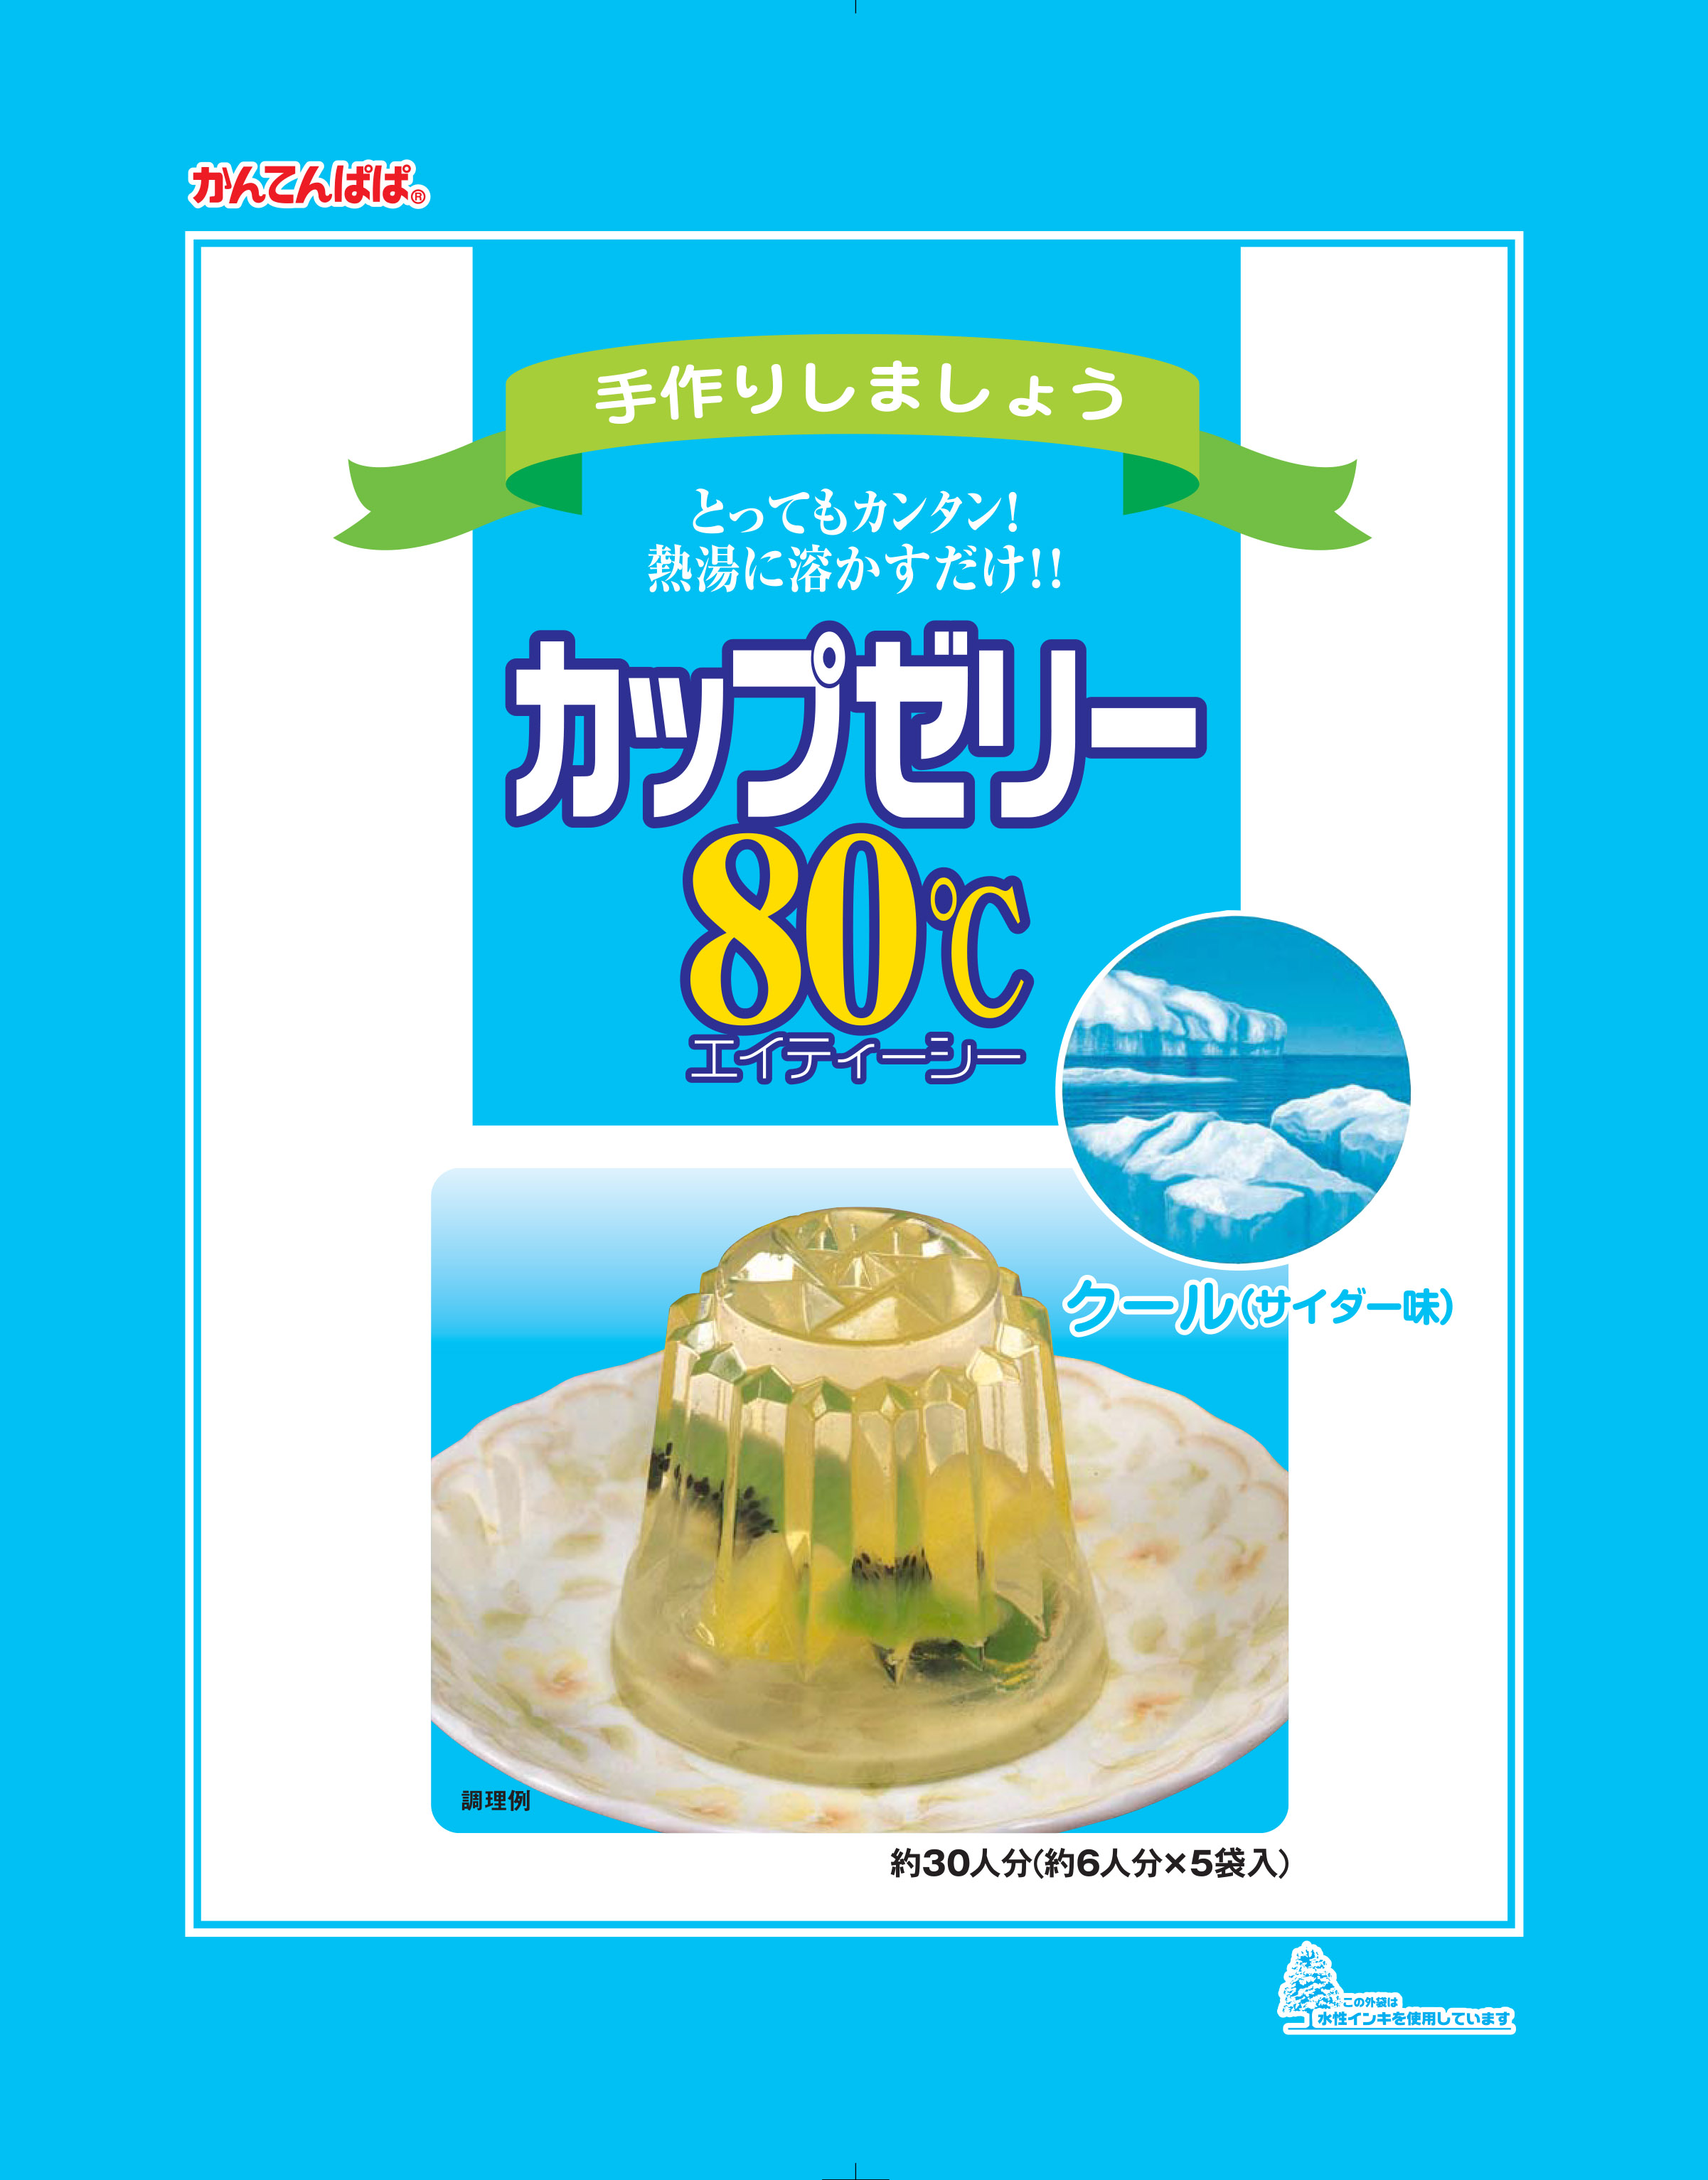 カップゼリー80℃ クール(サイダー味) 5袋入